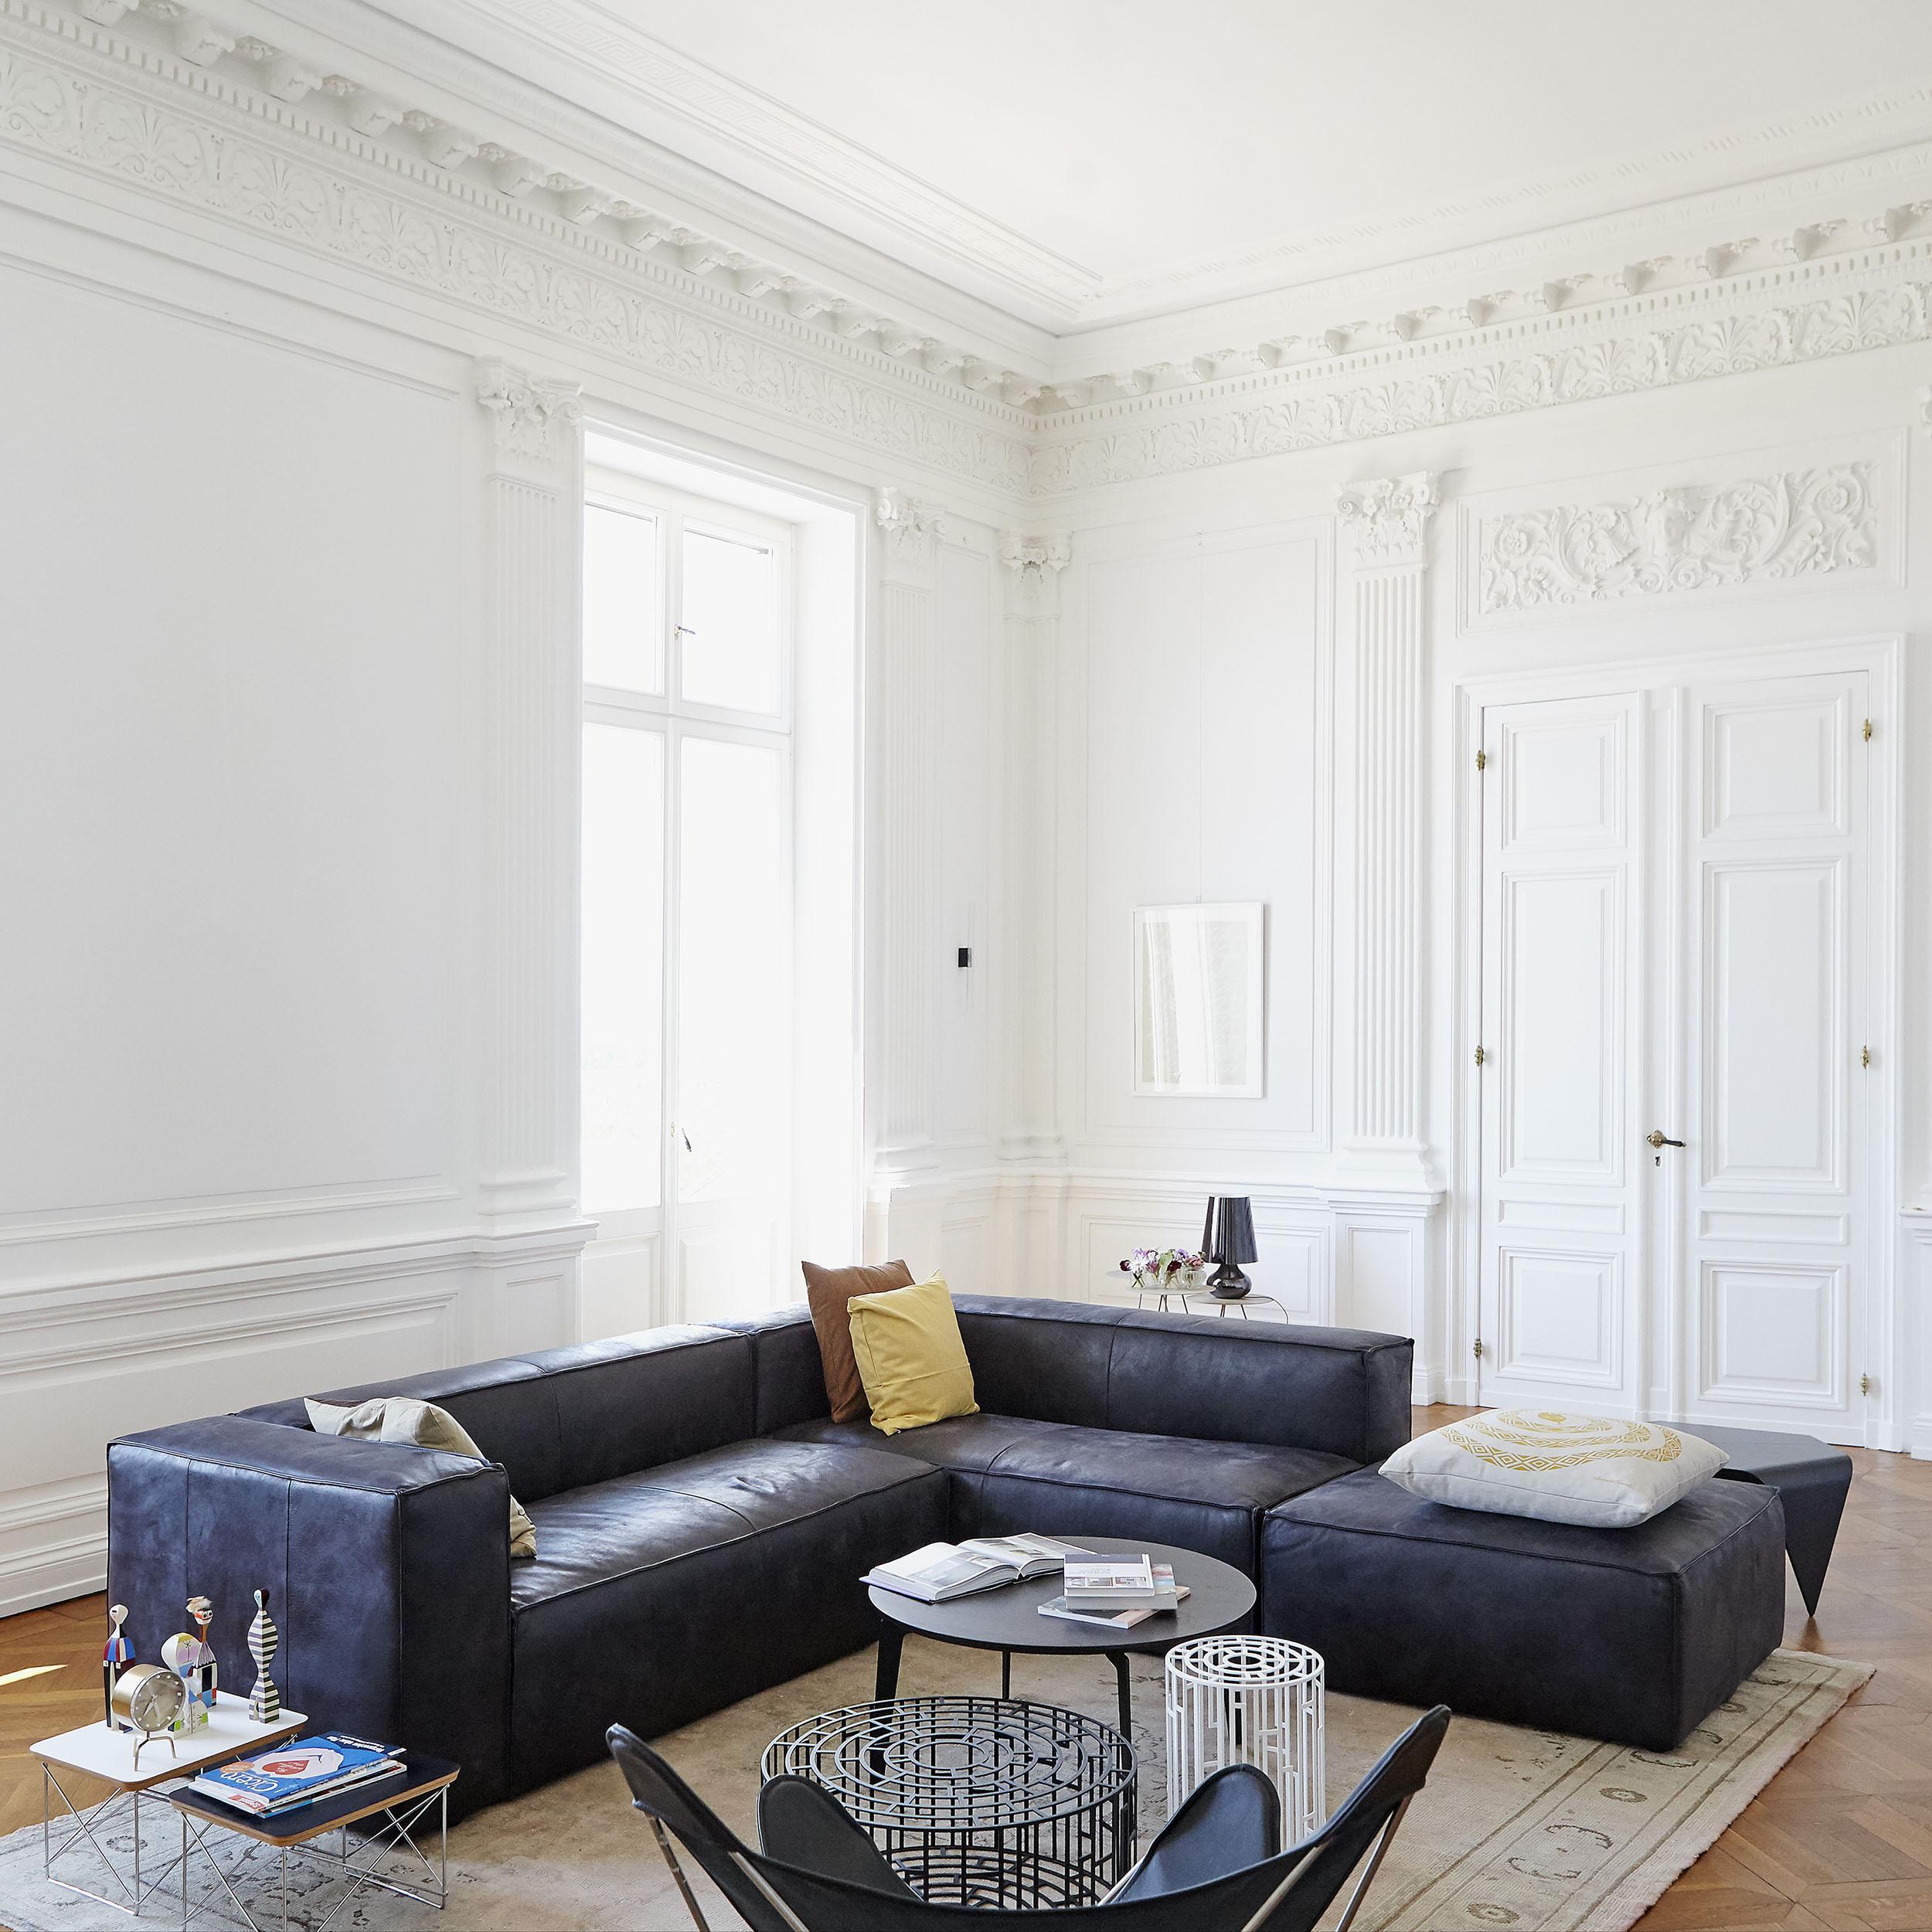 wohnzimmer bilder ideen couchstyle ledersofa bilder ideen couchstyle